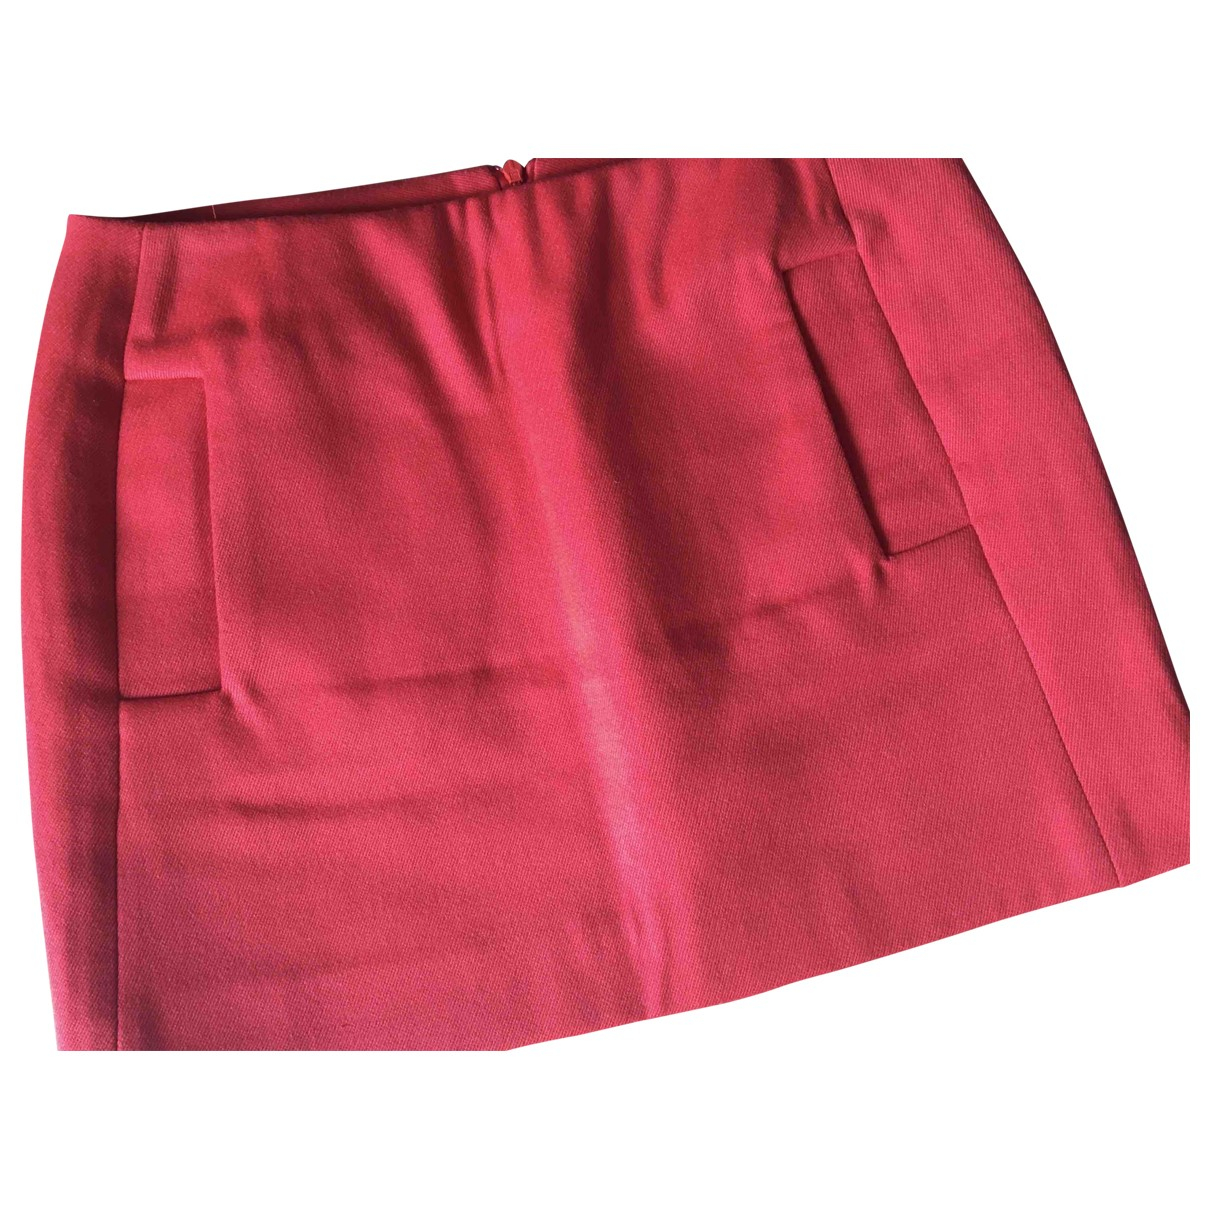 Maje \N Red Wool skirt for Women 38 FR